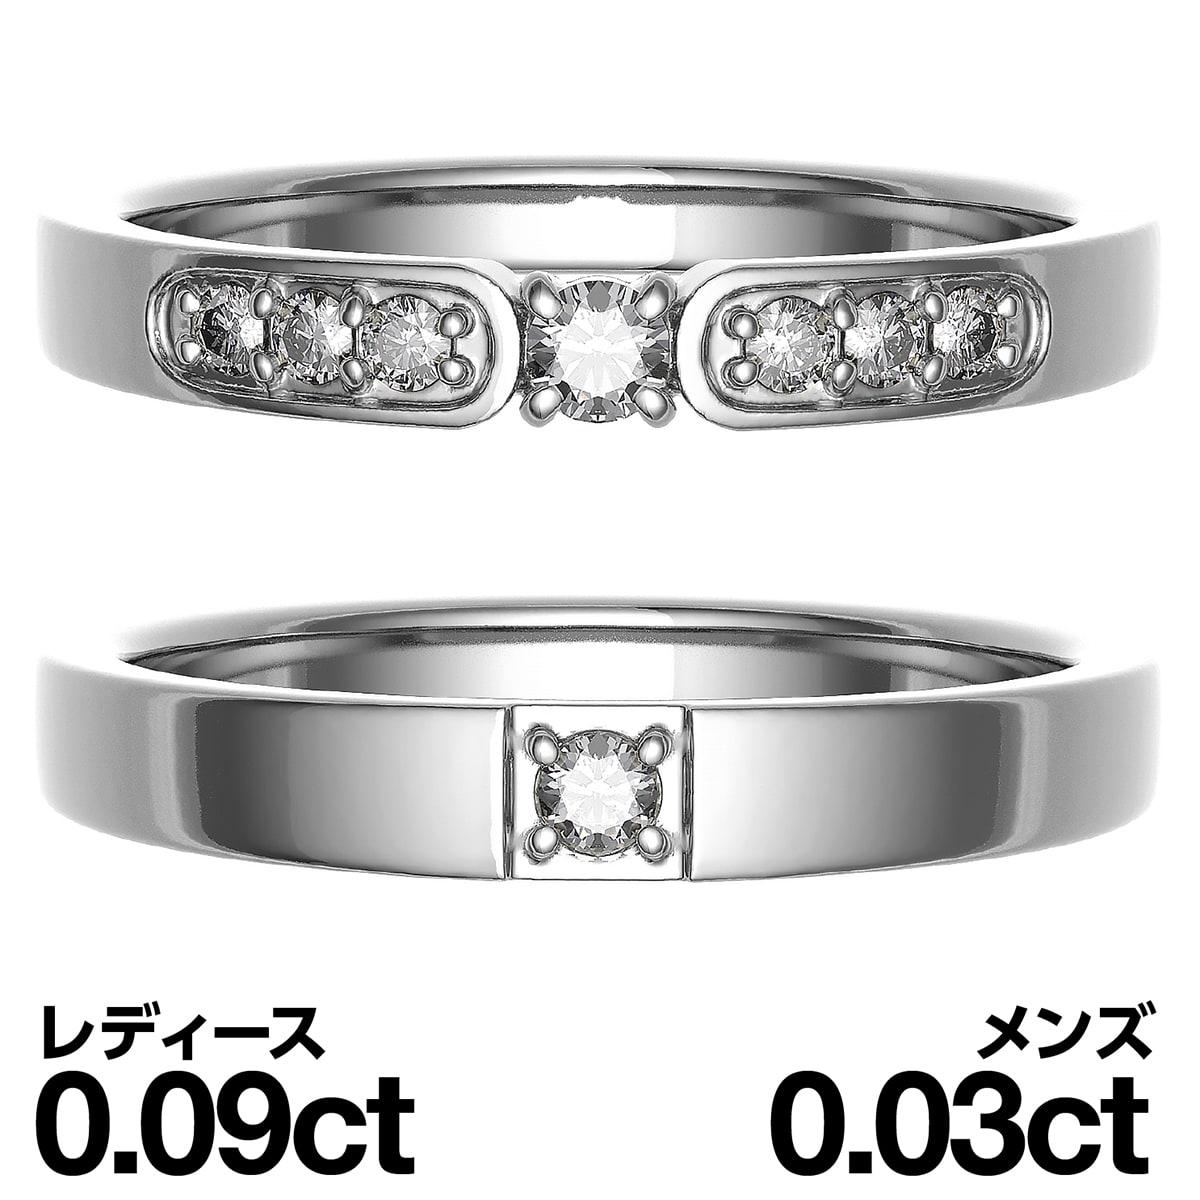 ペアリング 刻印 シルバー925 ダイヤモンド 2本セット 品質保証書 金属アレルギー 日本製 誕生日 ギフト